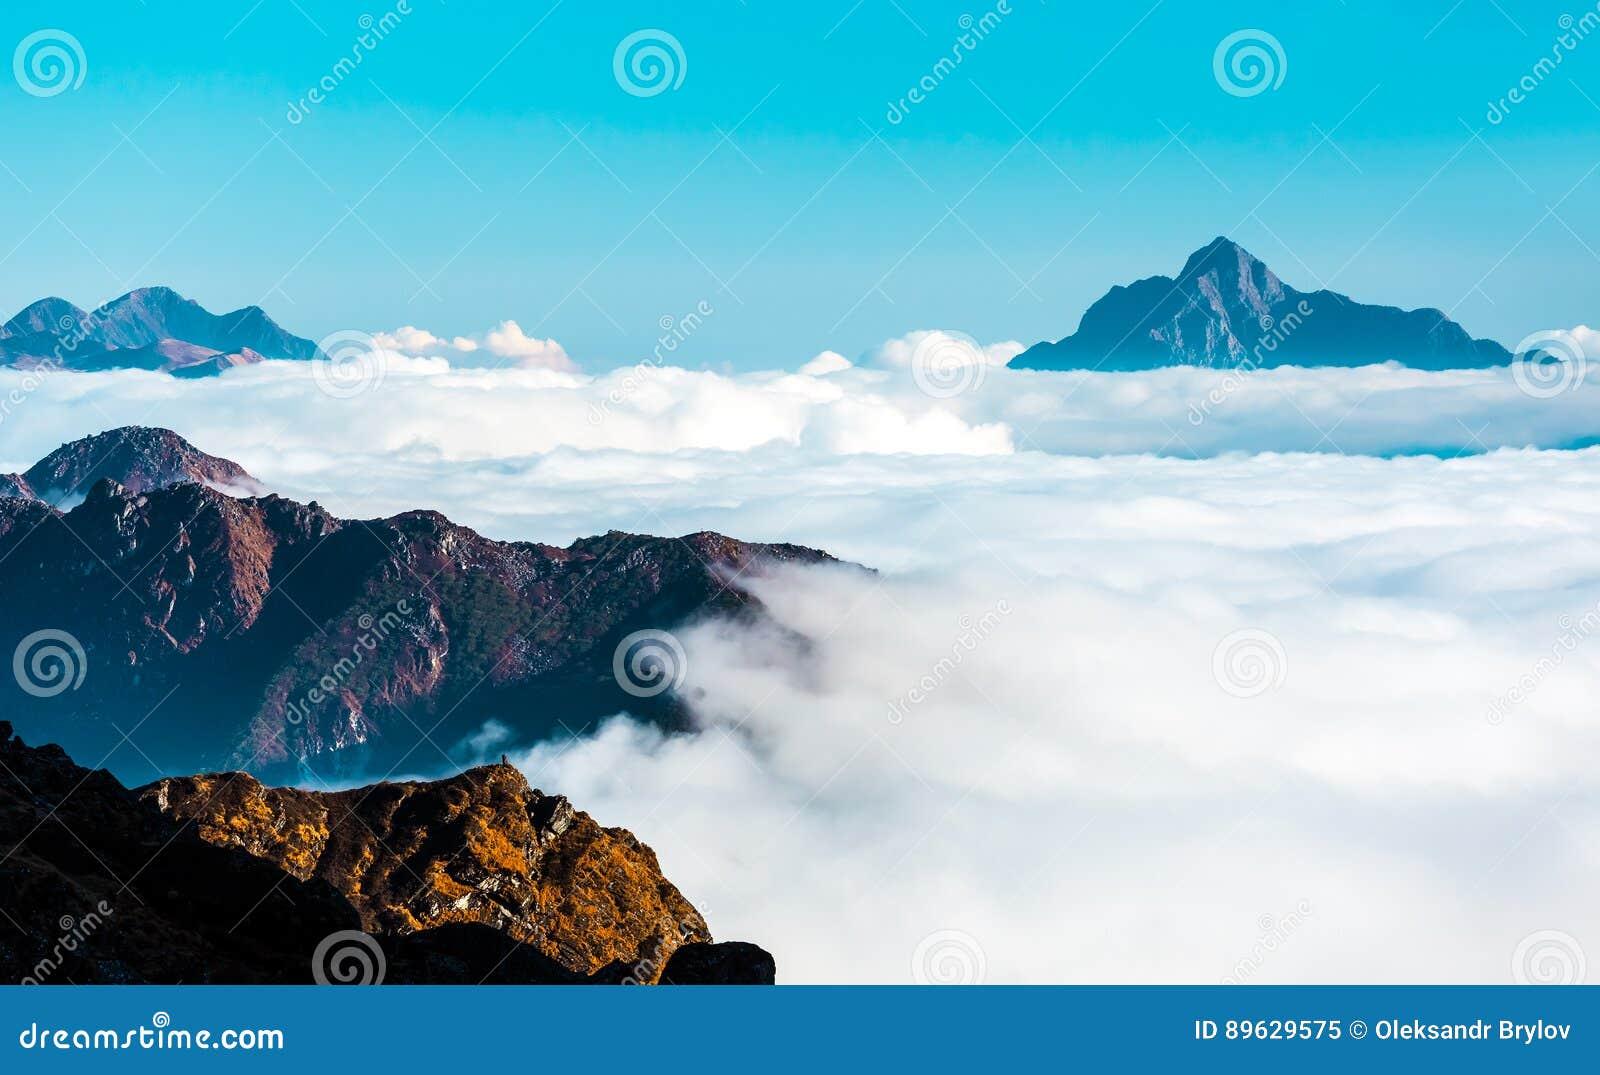 Ansicht des Horizontes abgedeckt durch Wolken-Schicht im Hochgebirge